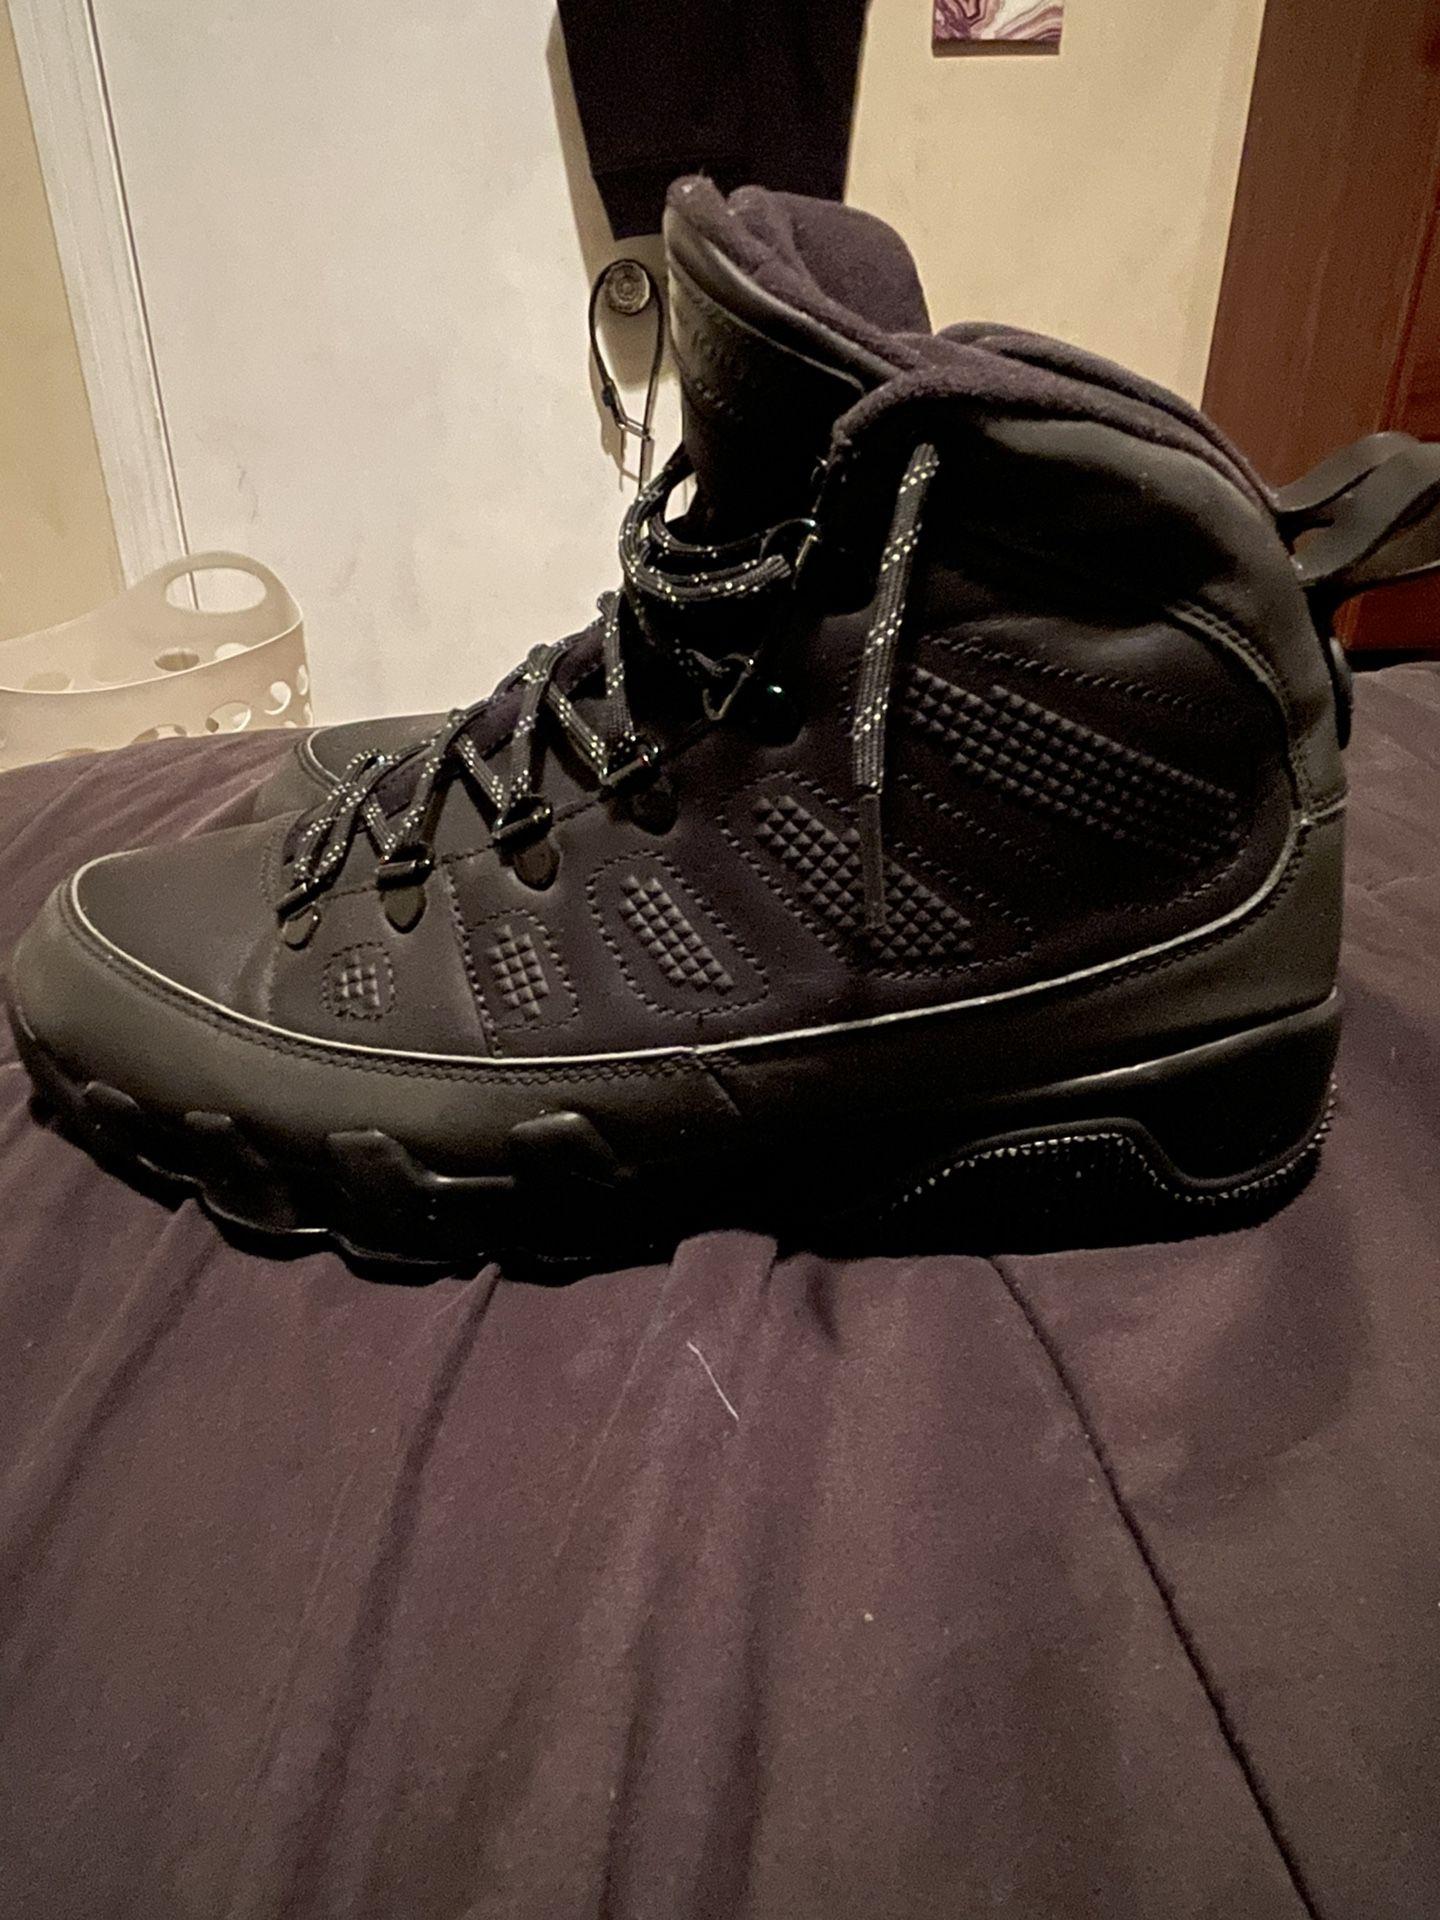 Michael Jordan Boots